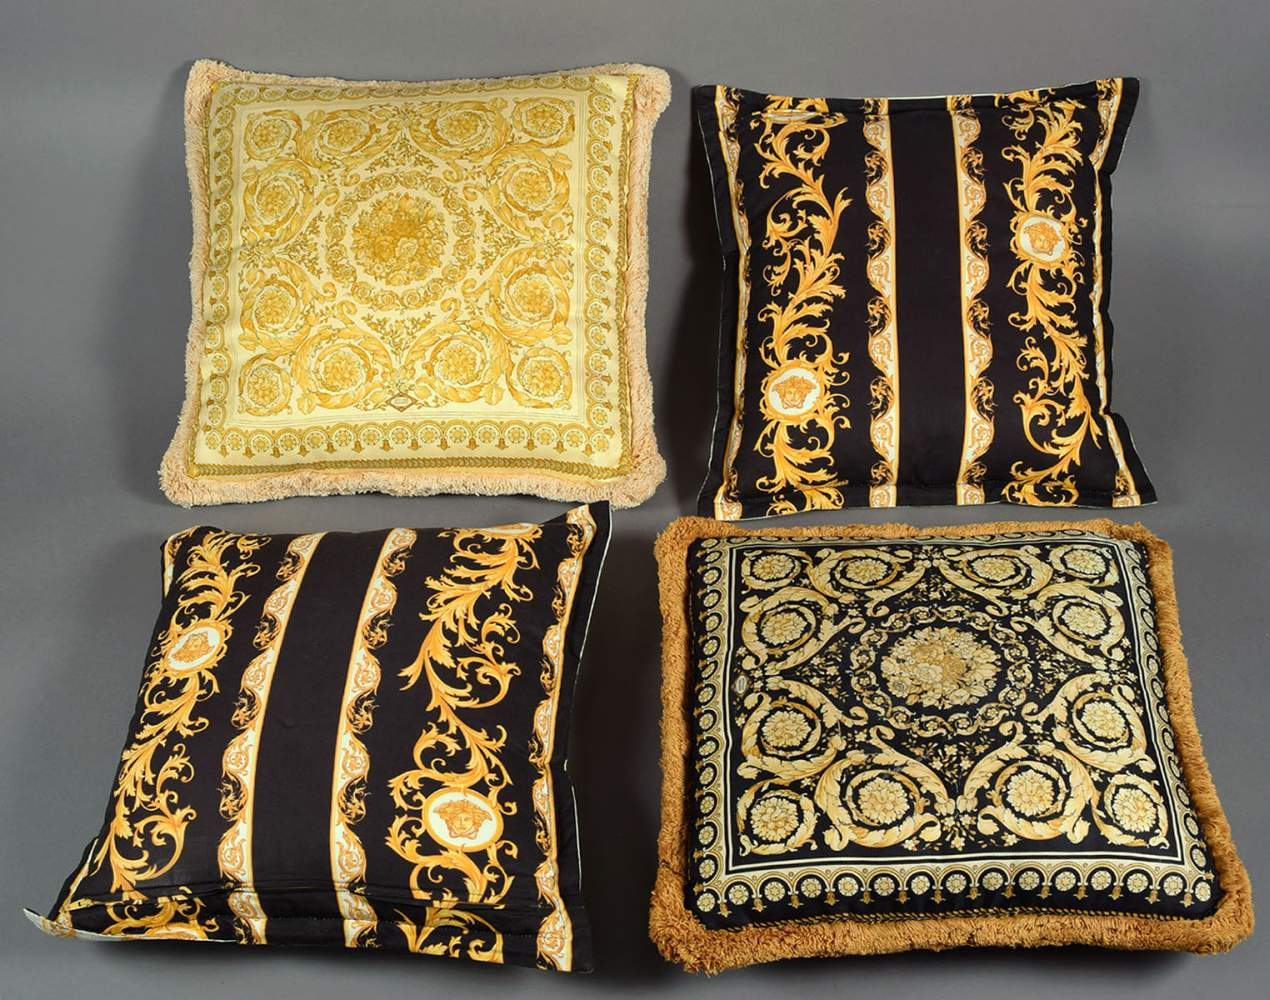 vier versace kissen aus der versace home collection je quadratische form stoffbezug mit verschi. Black Bedroom Furniture Sets. Home Design Ideas